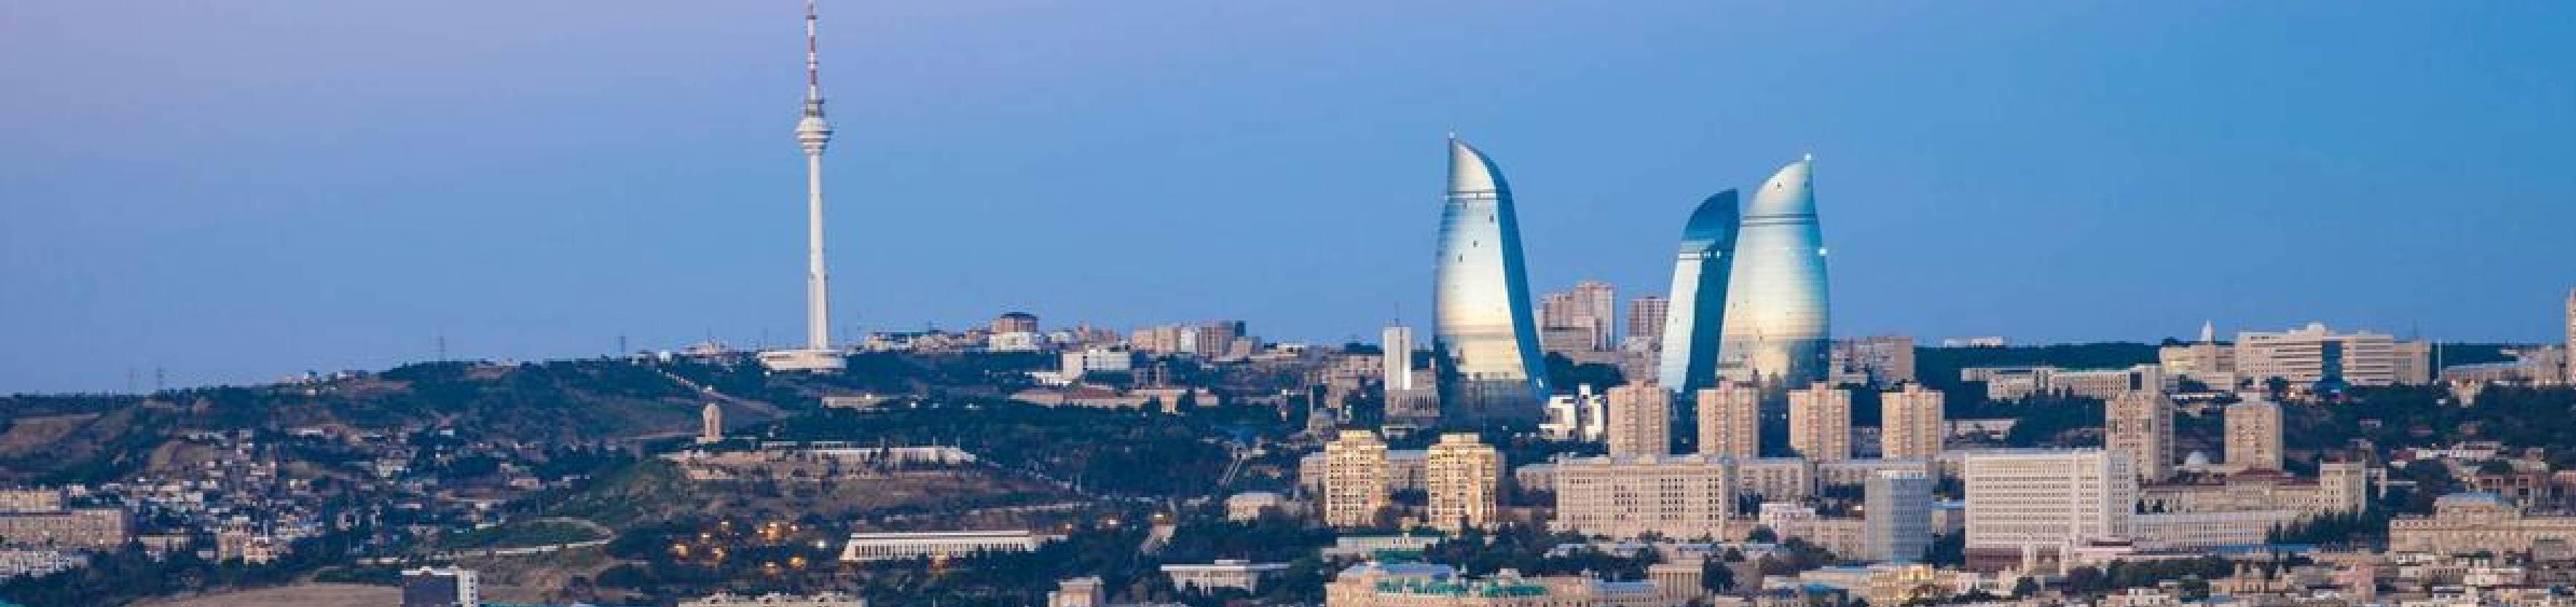 فنادق باكو: دليلك لأفضل 10 فنادق في مدينة باكو الساحرة